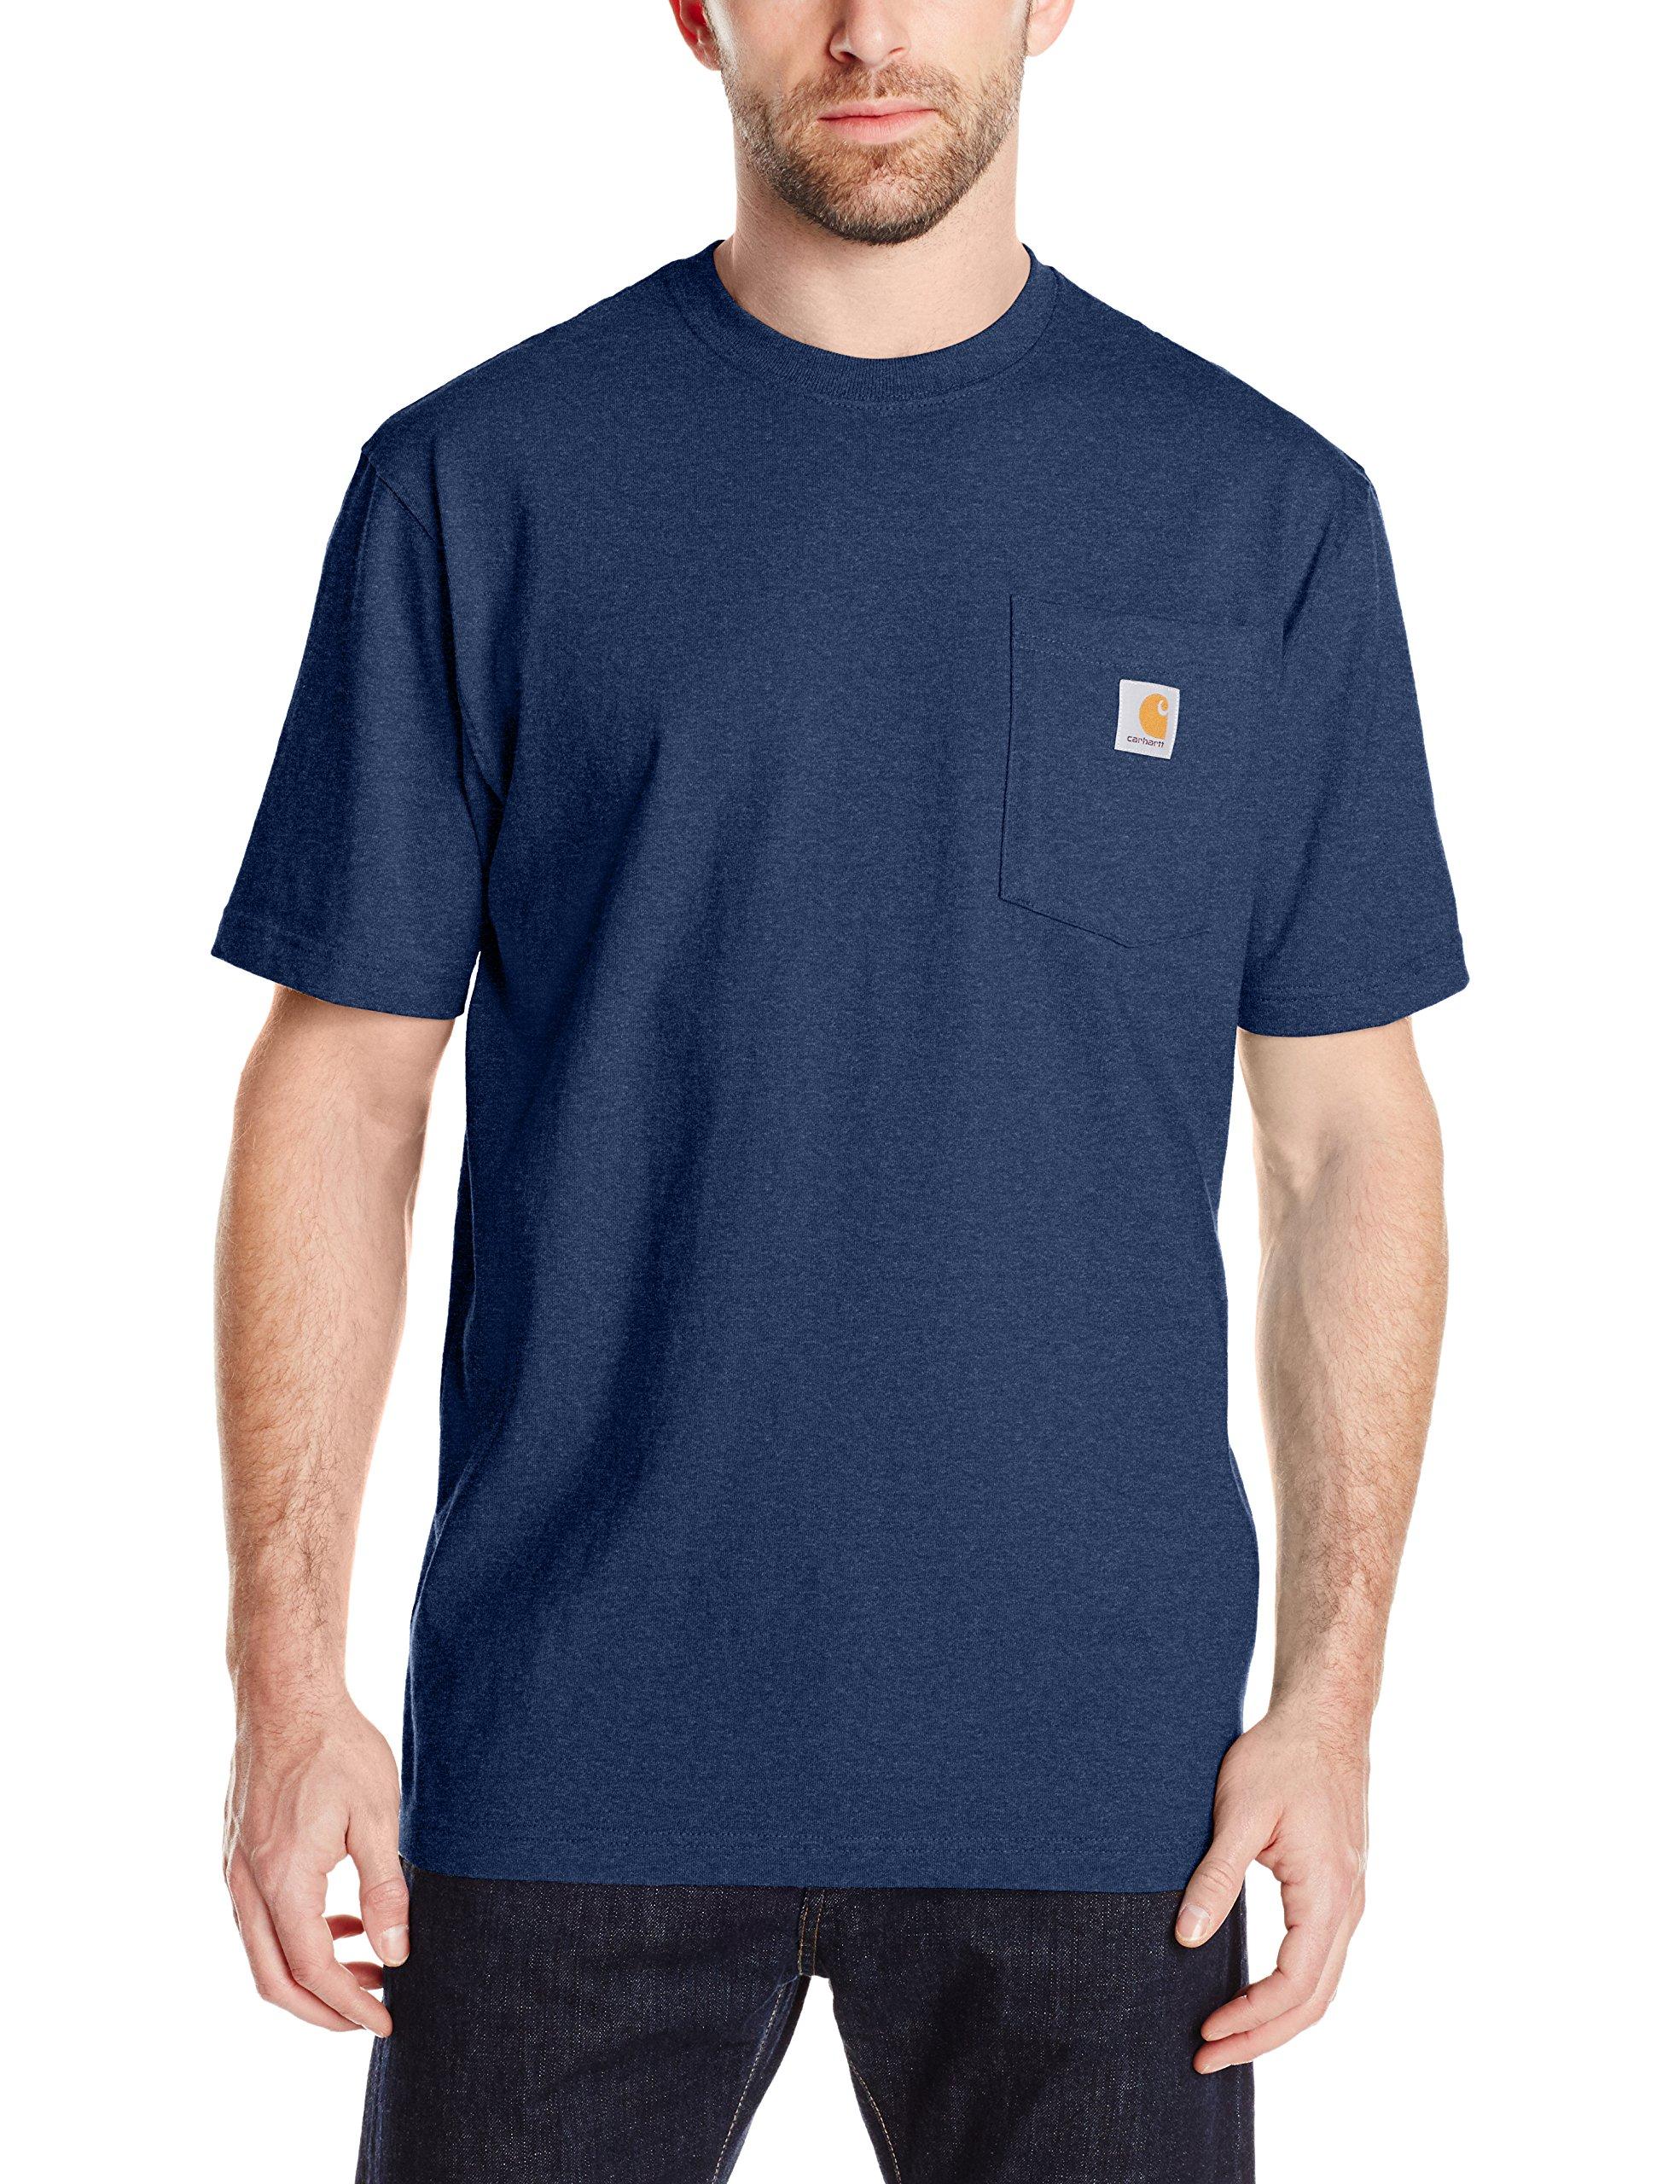 Carhartt Men's K87 Workwear Short Sleeve T-Shirt (Regular and Big & Tall Sizes), Dark Cobalt Blue Heather, Large by Carhartt